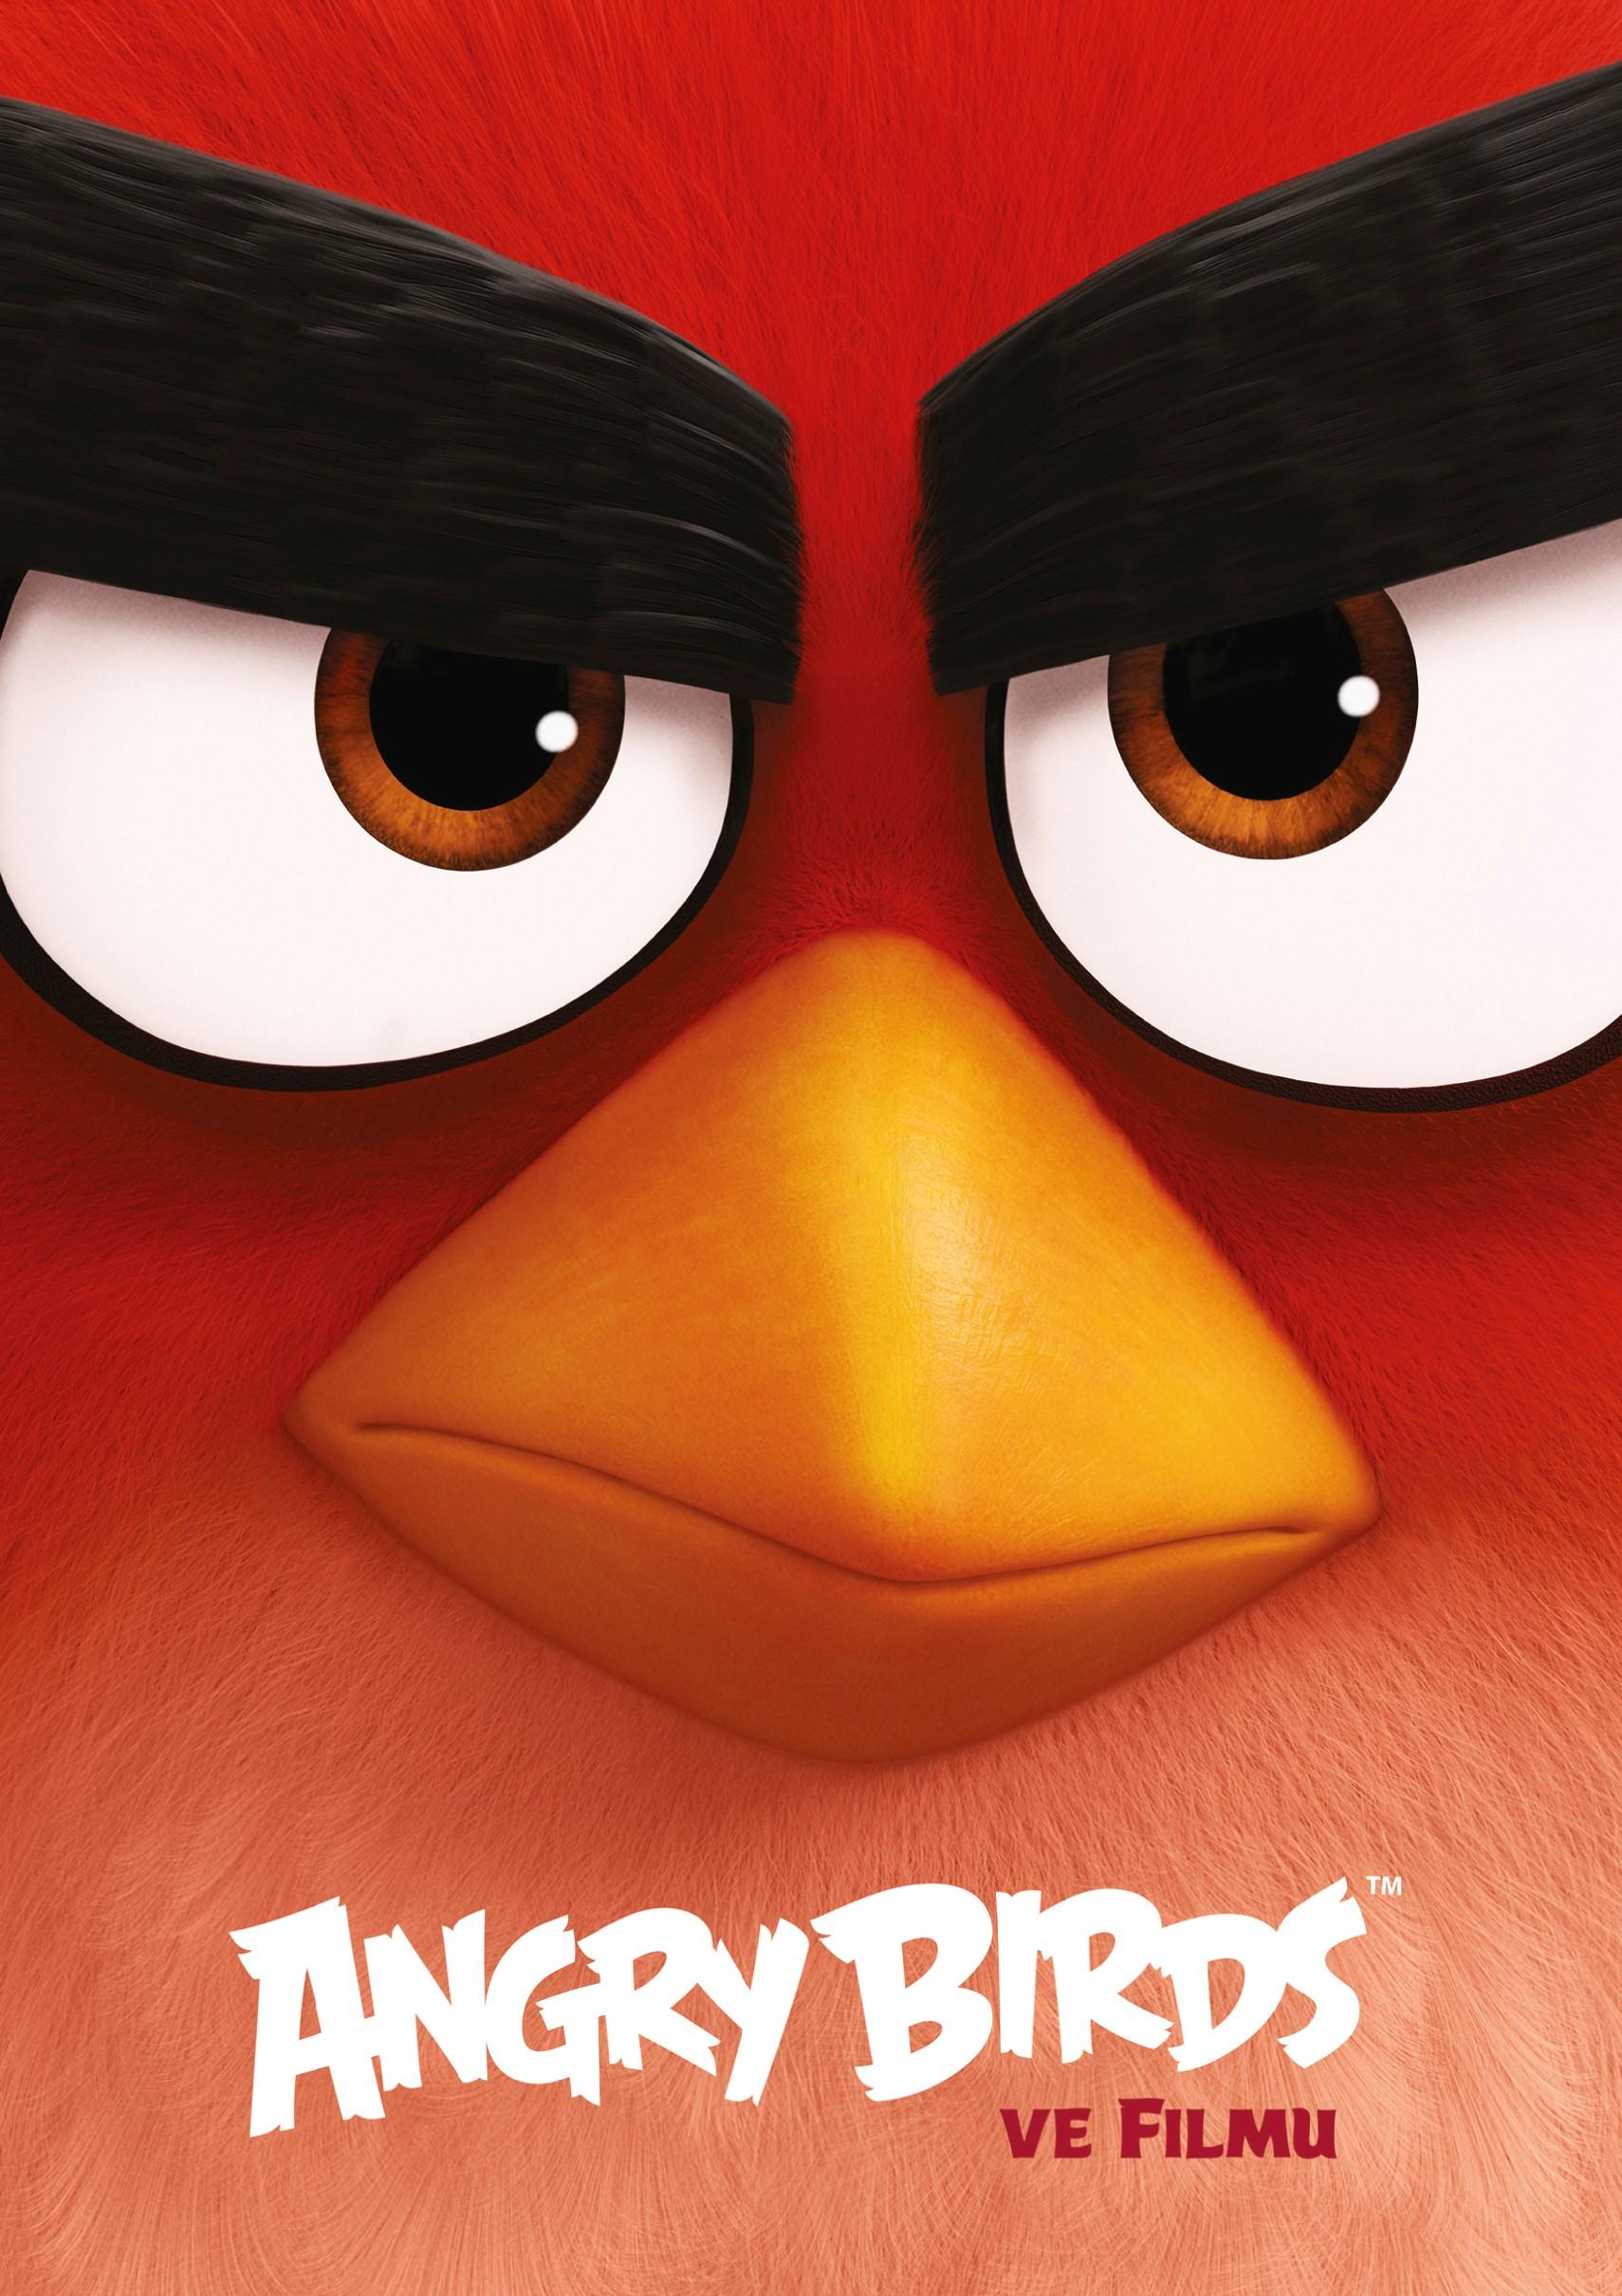 Angry Birds ve filmu | kolektiv, kolektiv